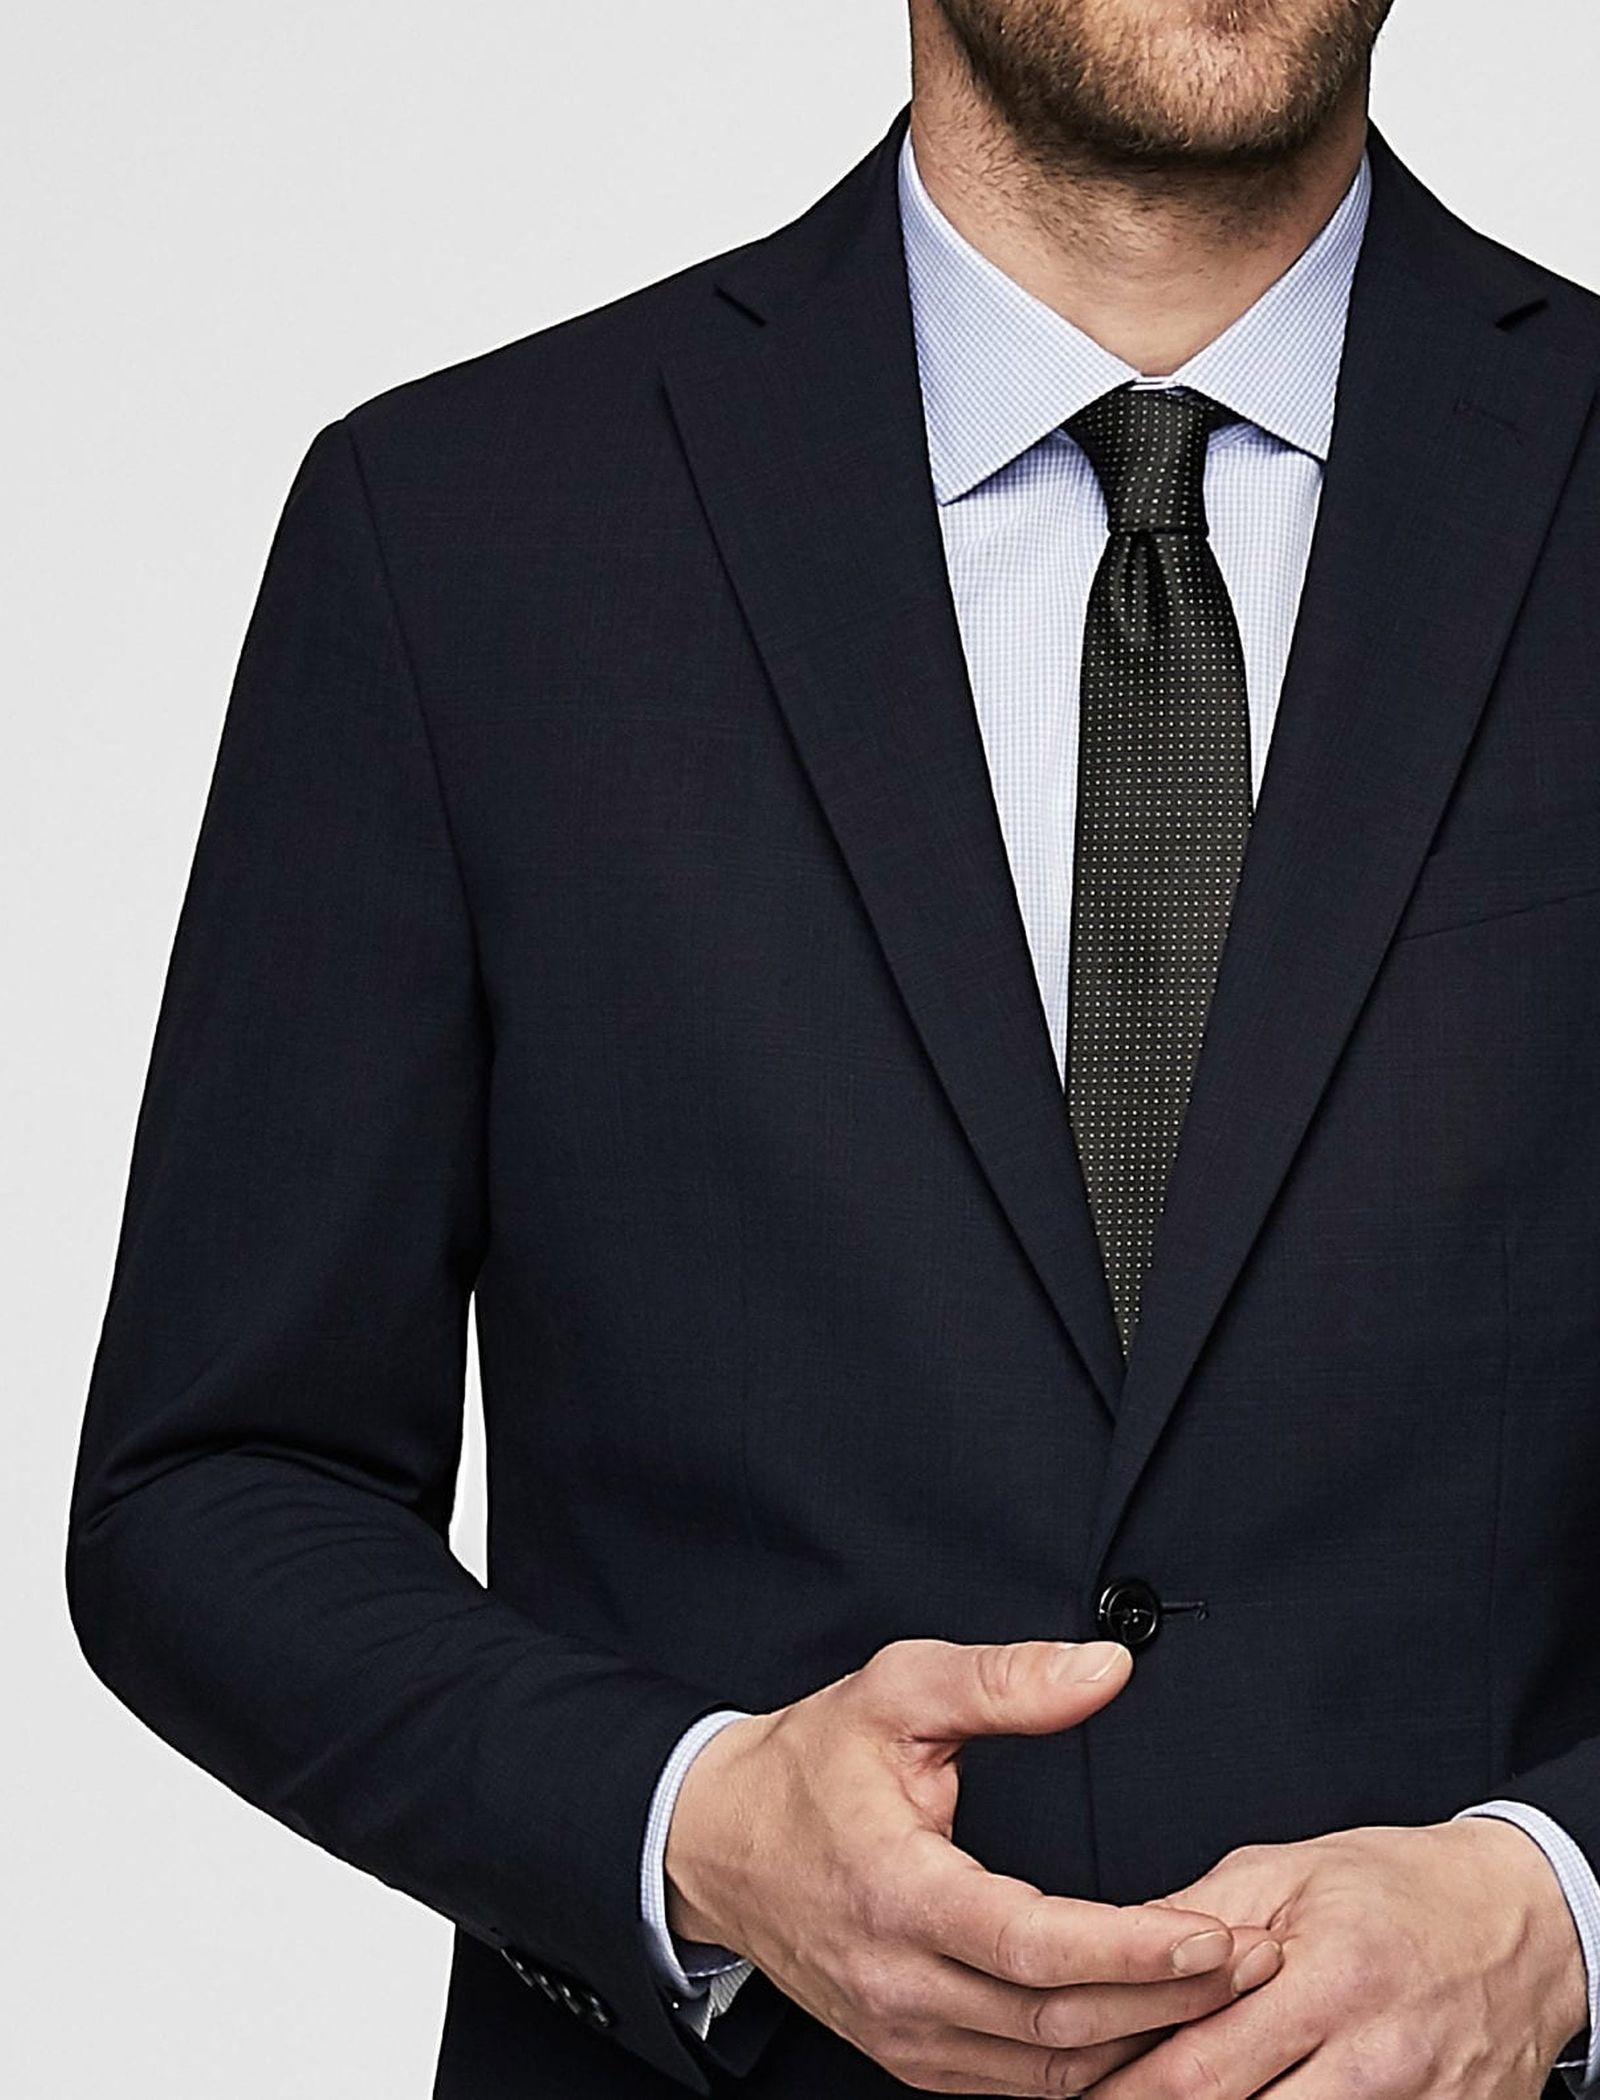 کت تک رسمی مردانه - مانگو - سرمه اي  - 7